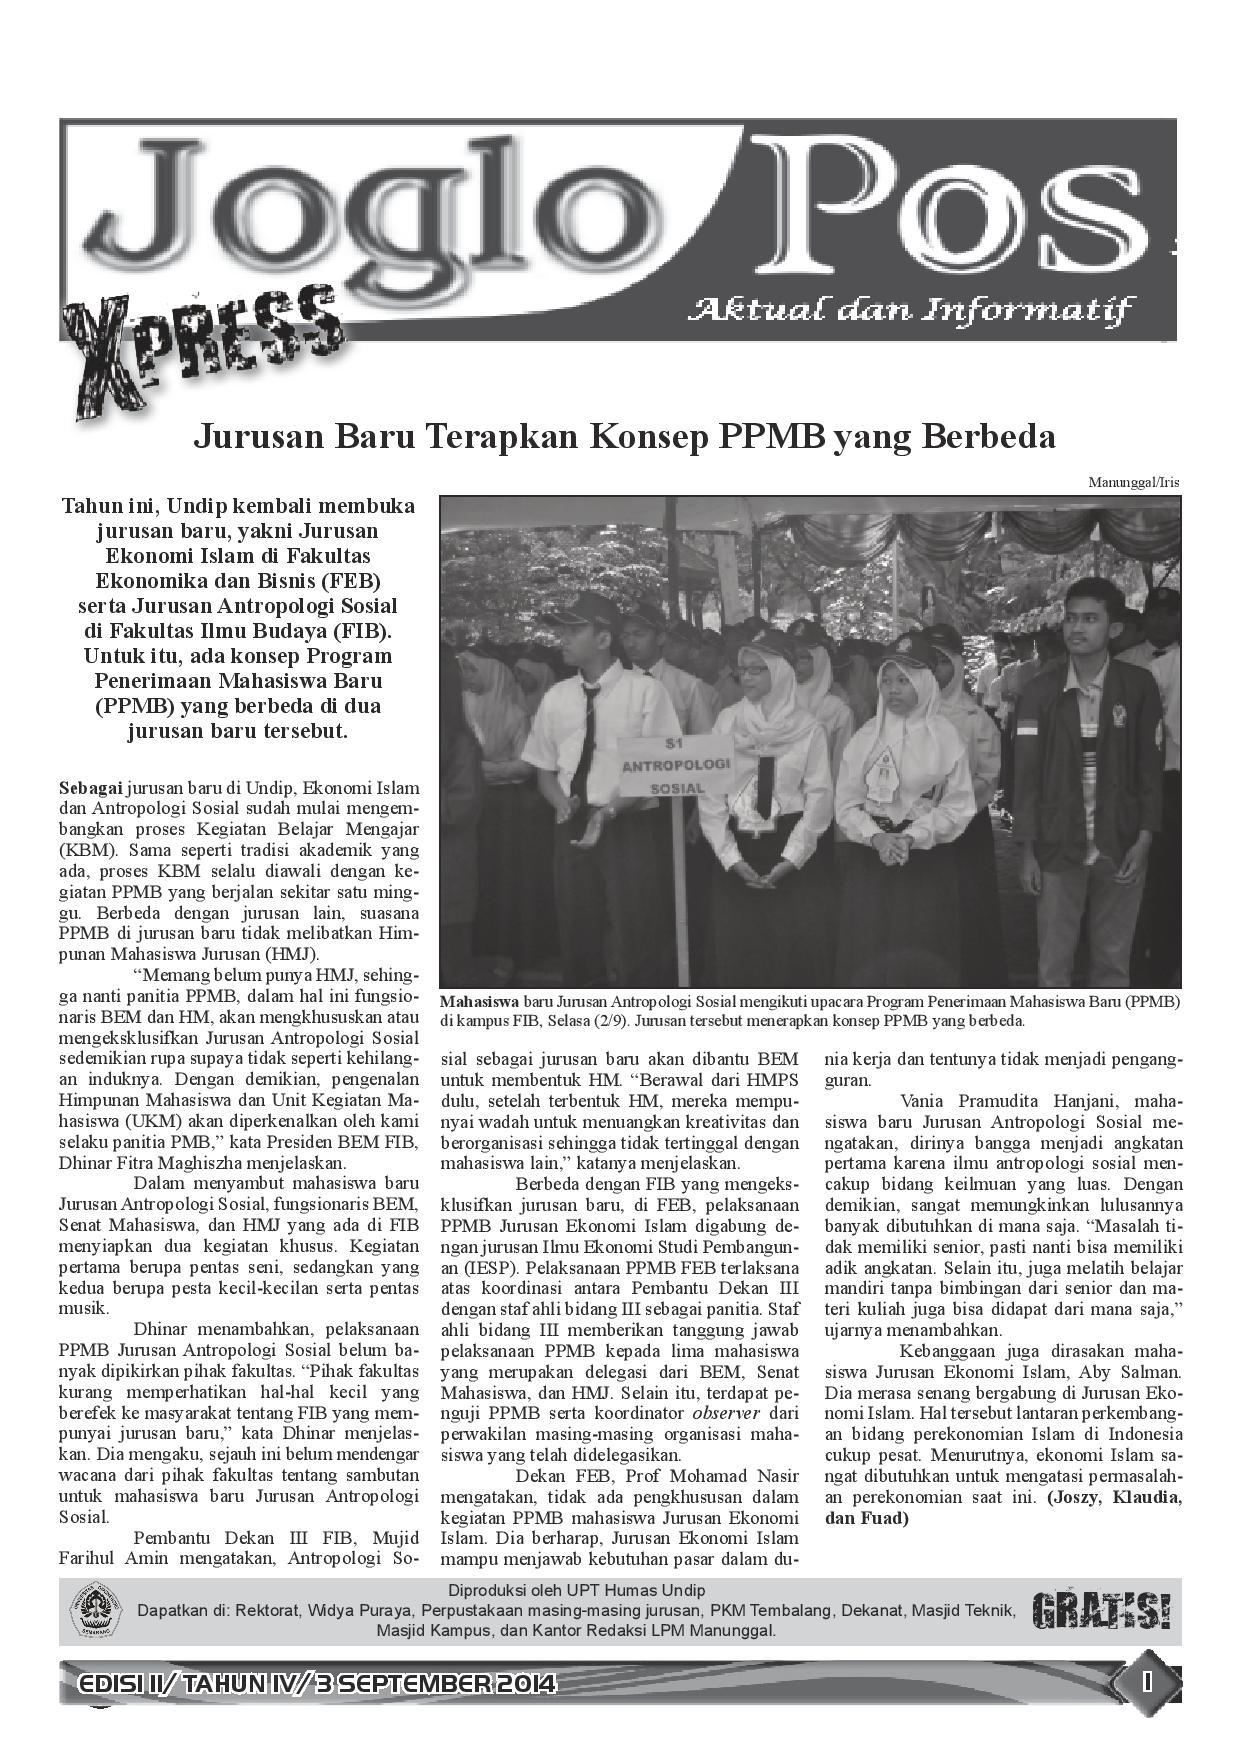 JOGLO POS XPRESS EDISI II/ TAHUN IV/ 3 SEPTEMBER 2014